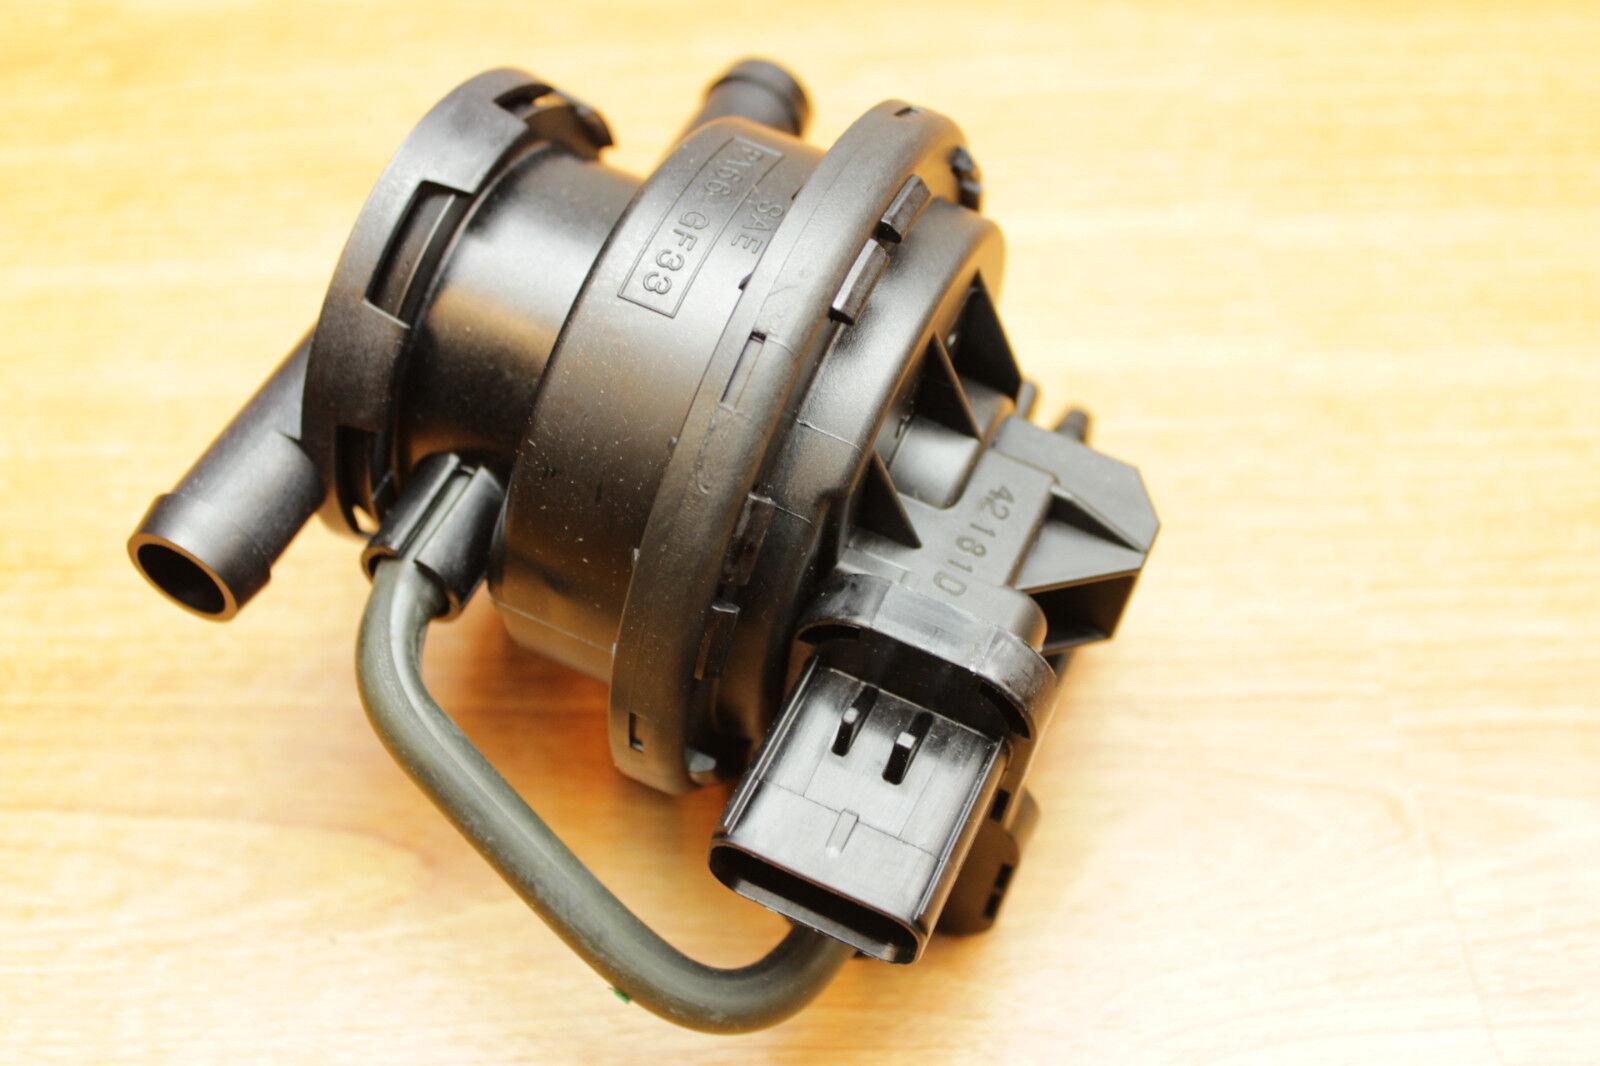 2001 2003 Chrysler Jeep Dodge Fuel Vapor Leak Detection Pump Mopar Evap Canister Caravan Oem